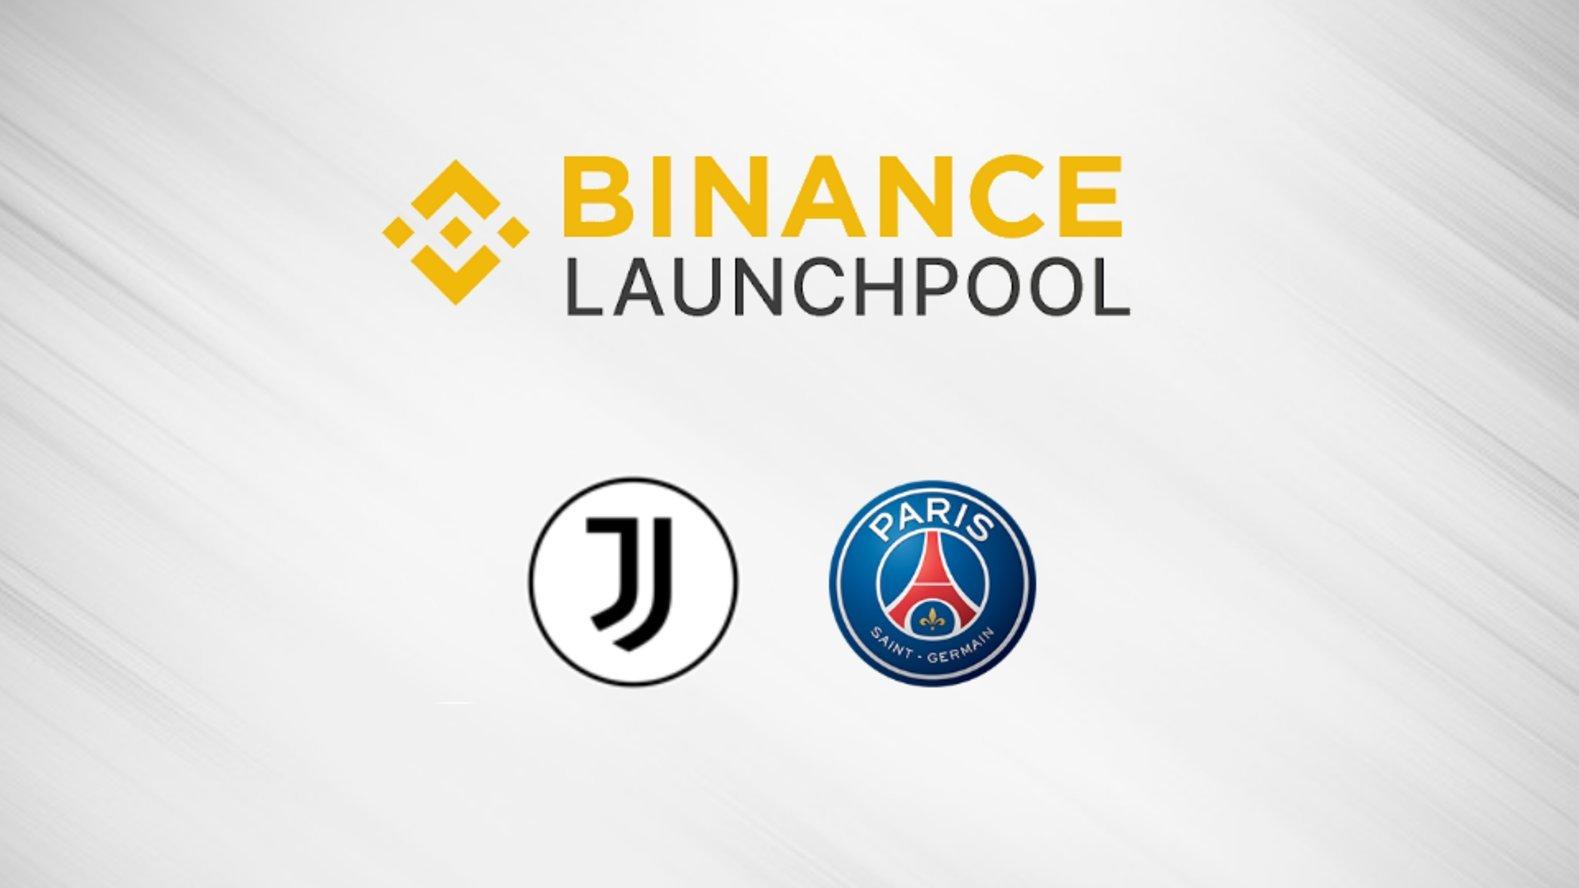 """عملة """"يوفنتوس"""" و """"باريس سان جيرمان"""" تدرج في منصة بينانس للتحصيص """"Launchpool"""""""